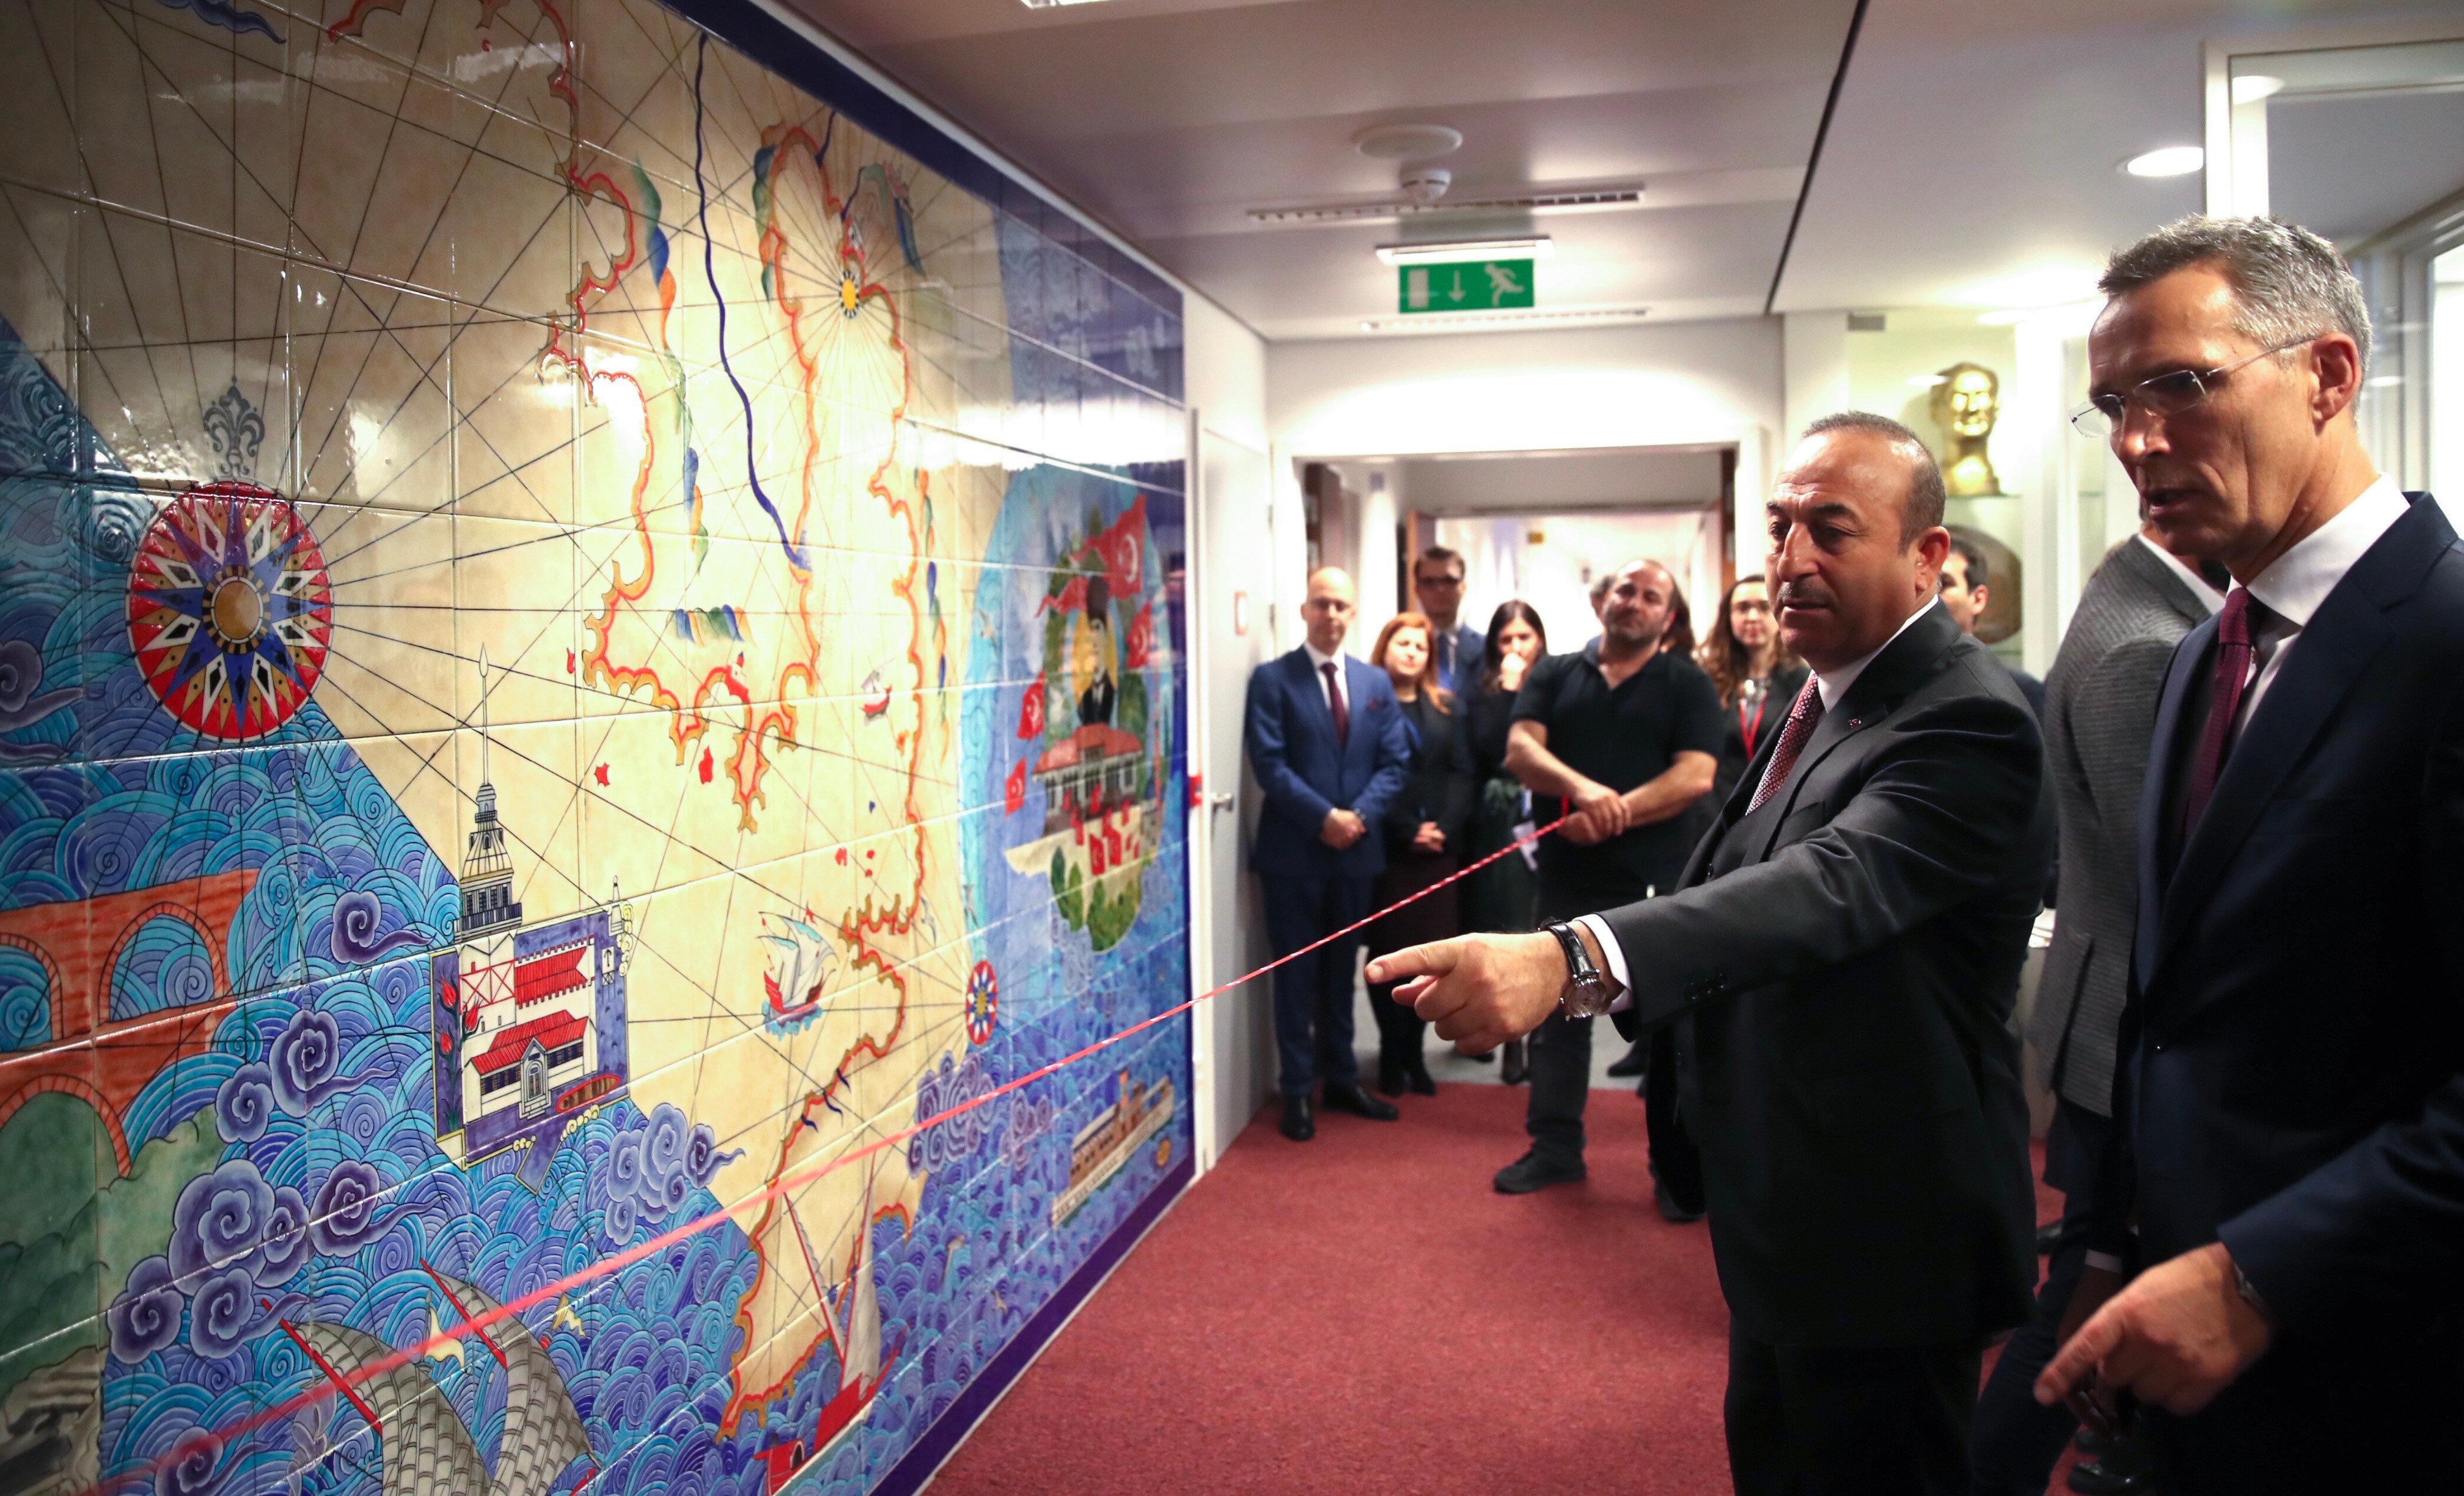 معالم وقوارب عثمانية وأتاتورك.. الناتو وتركيا يفتتحان لوحة زخف ضخمة